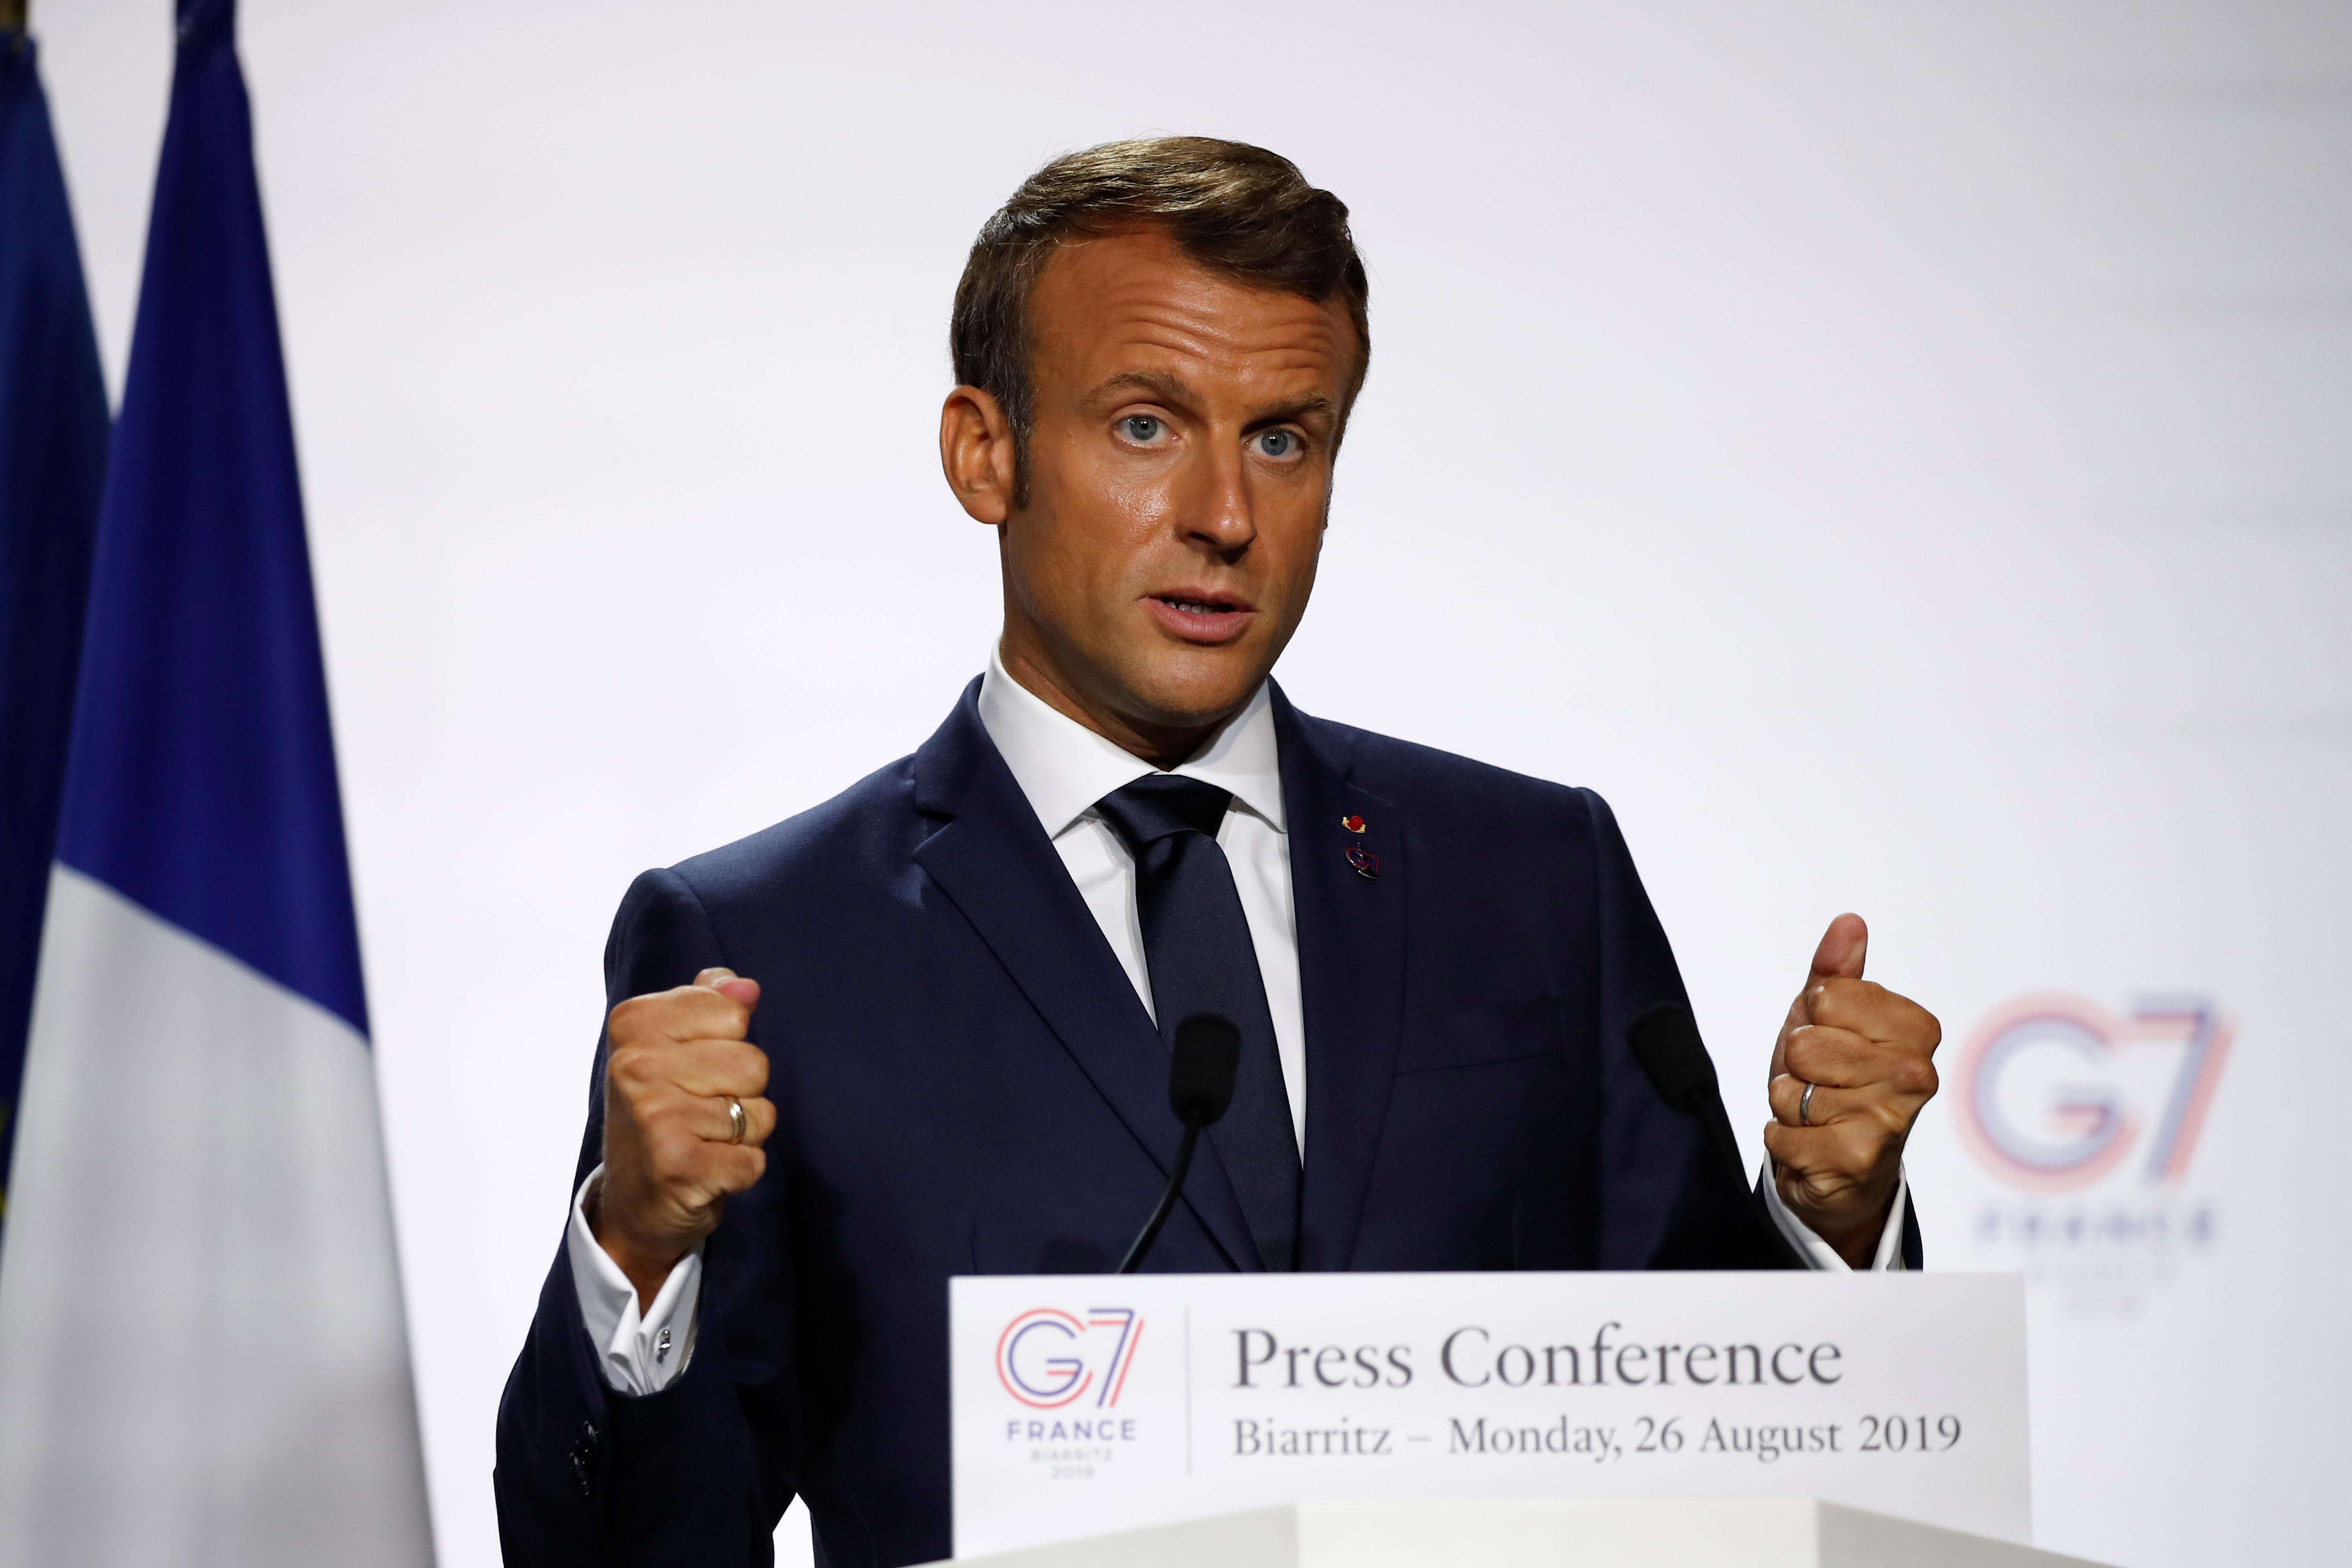 Comentario Sobre Primeira Dama Foi Extremamente Desrespeitoso Diz Macron Veja